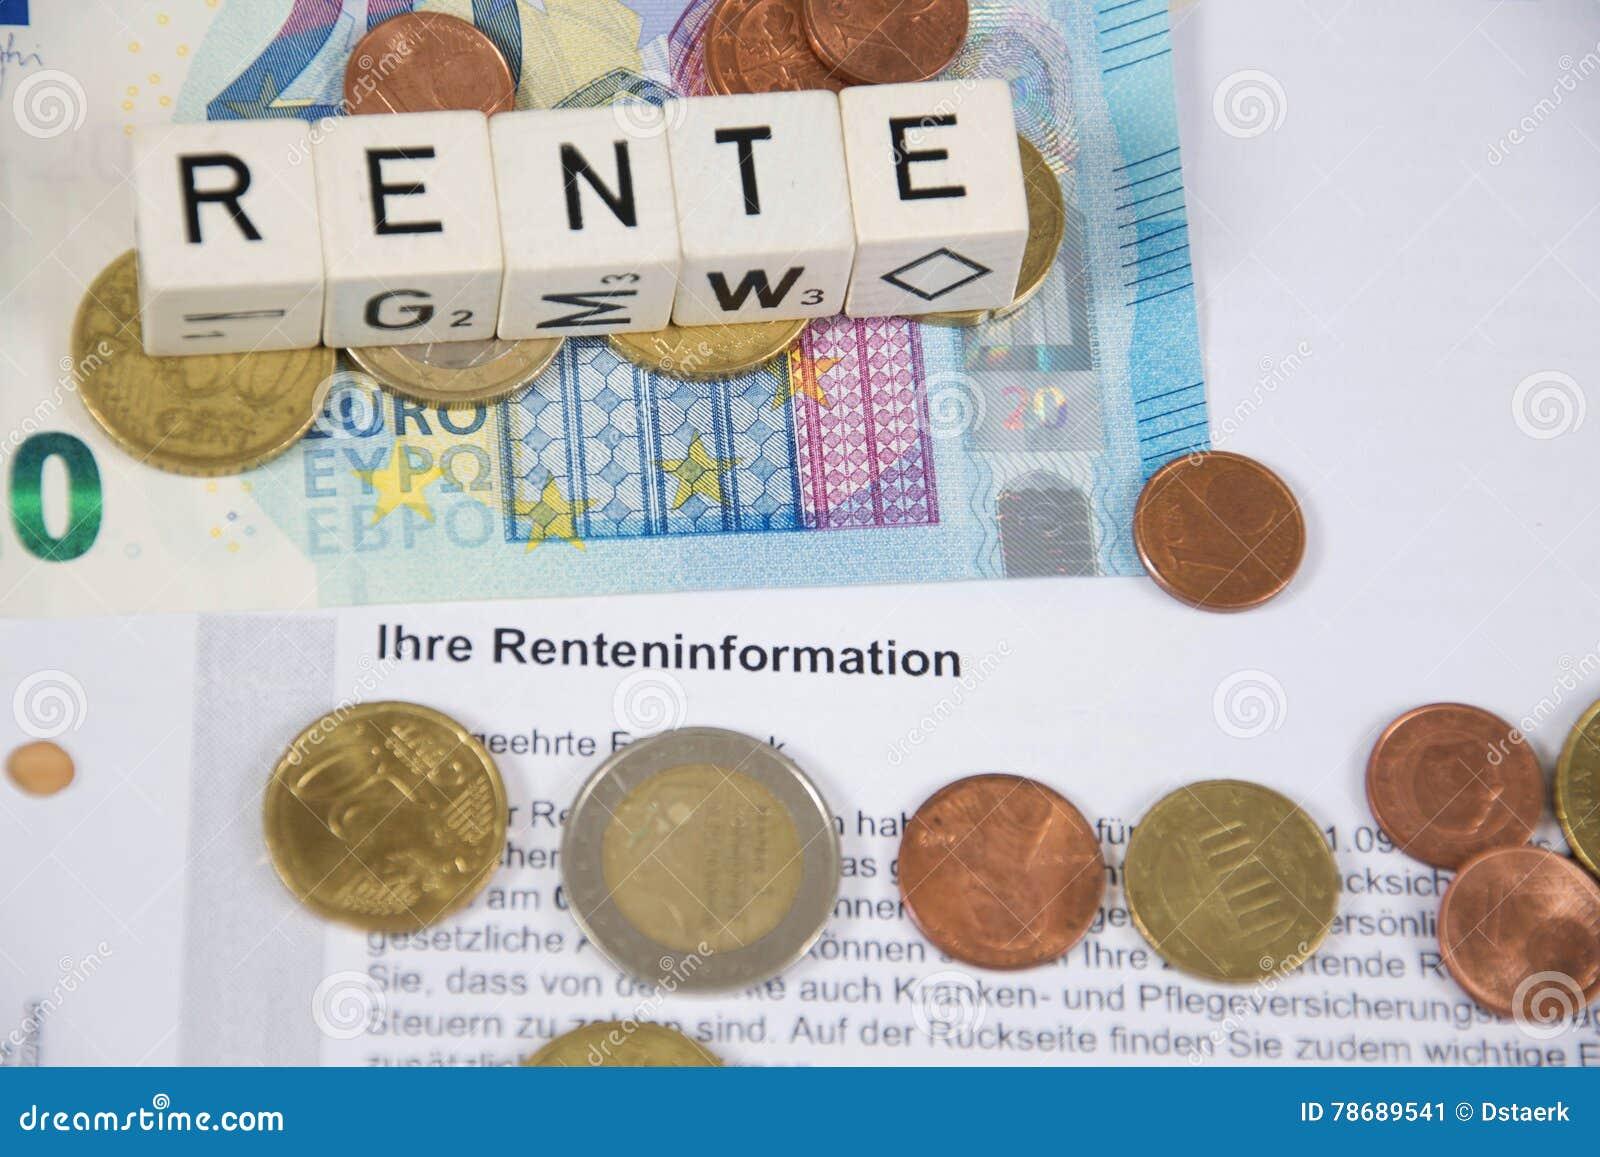 Pension Rente